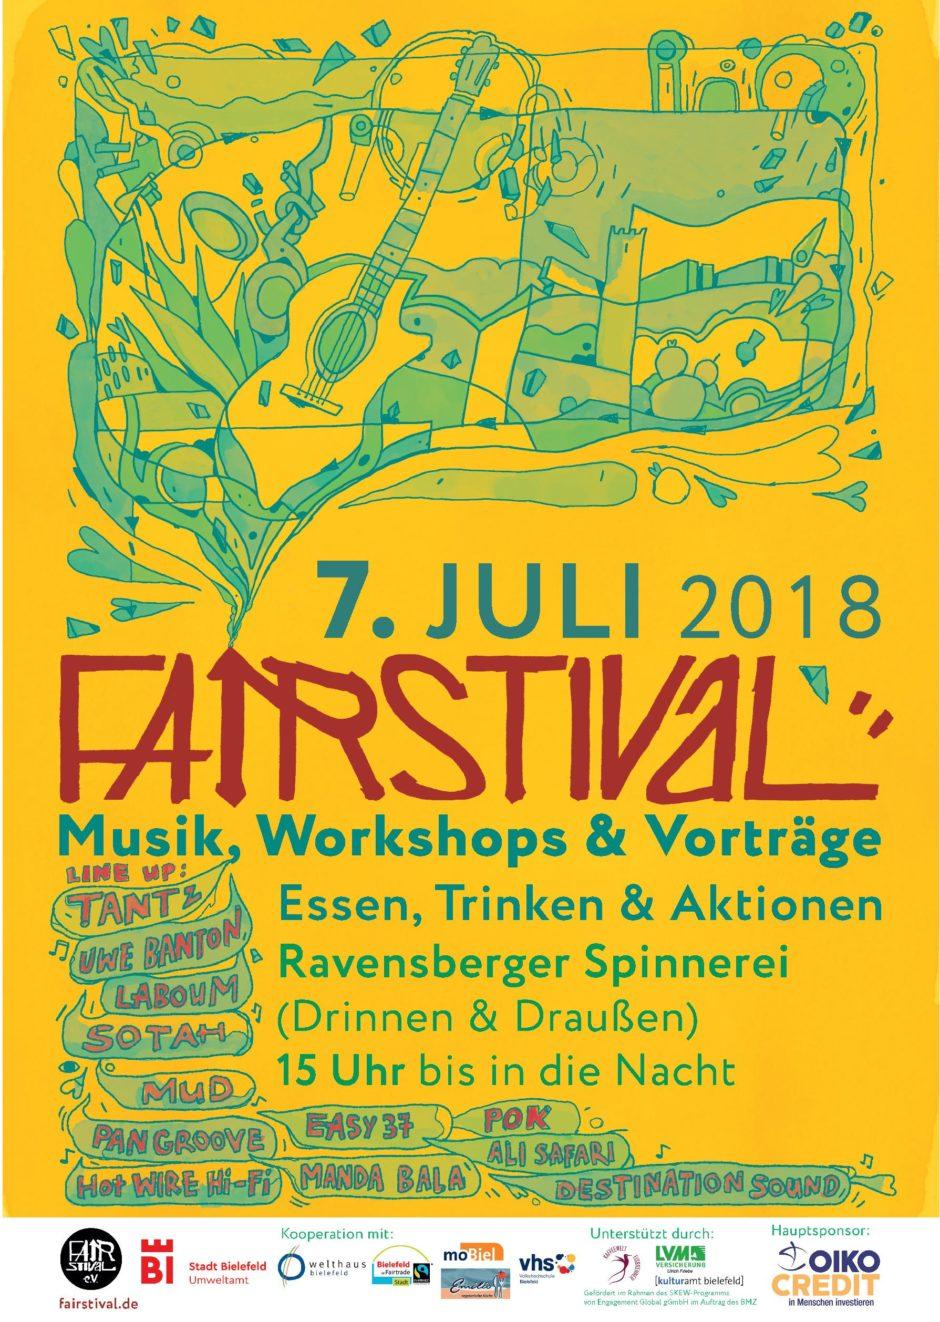 Plakat des Fairstival 2018 in gelb mit grünen Malereien